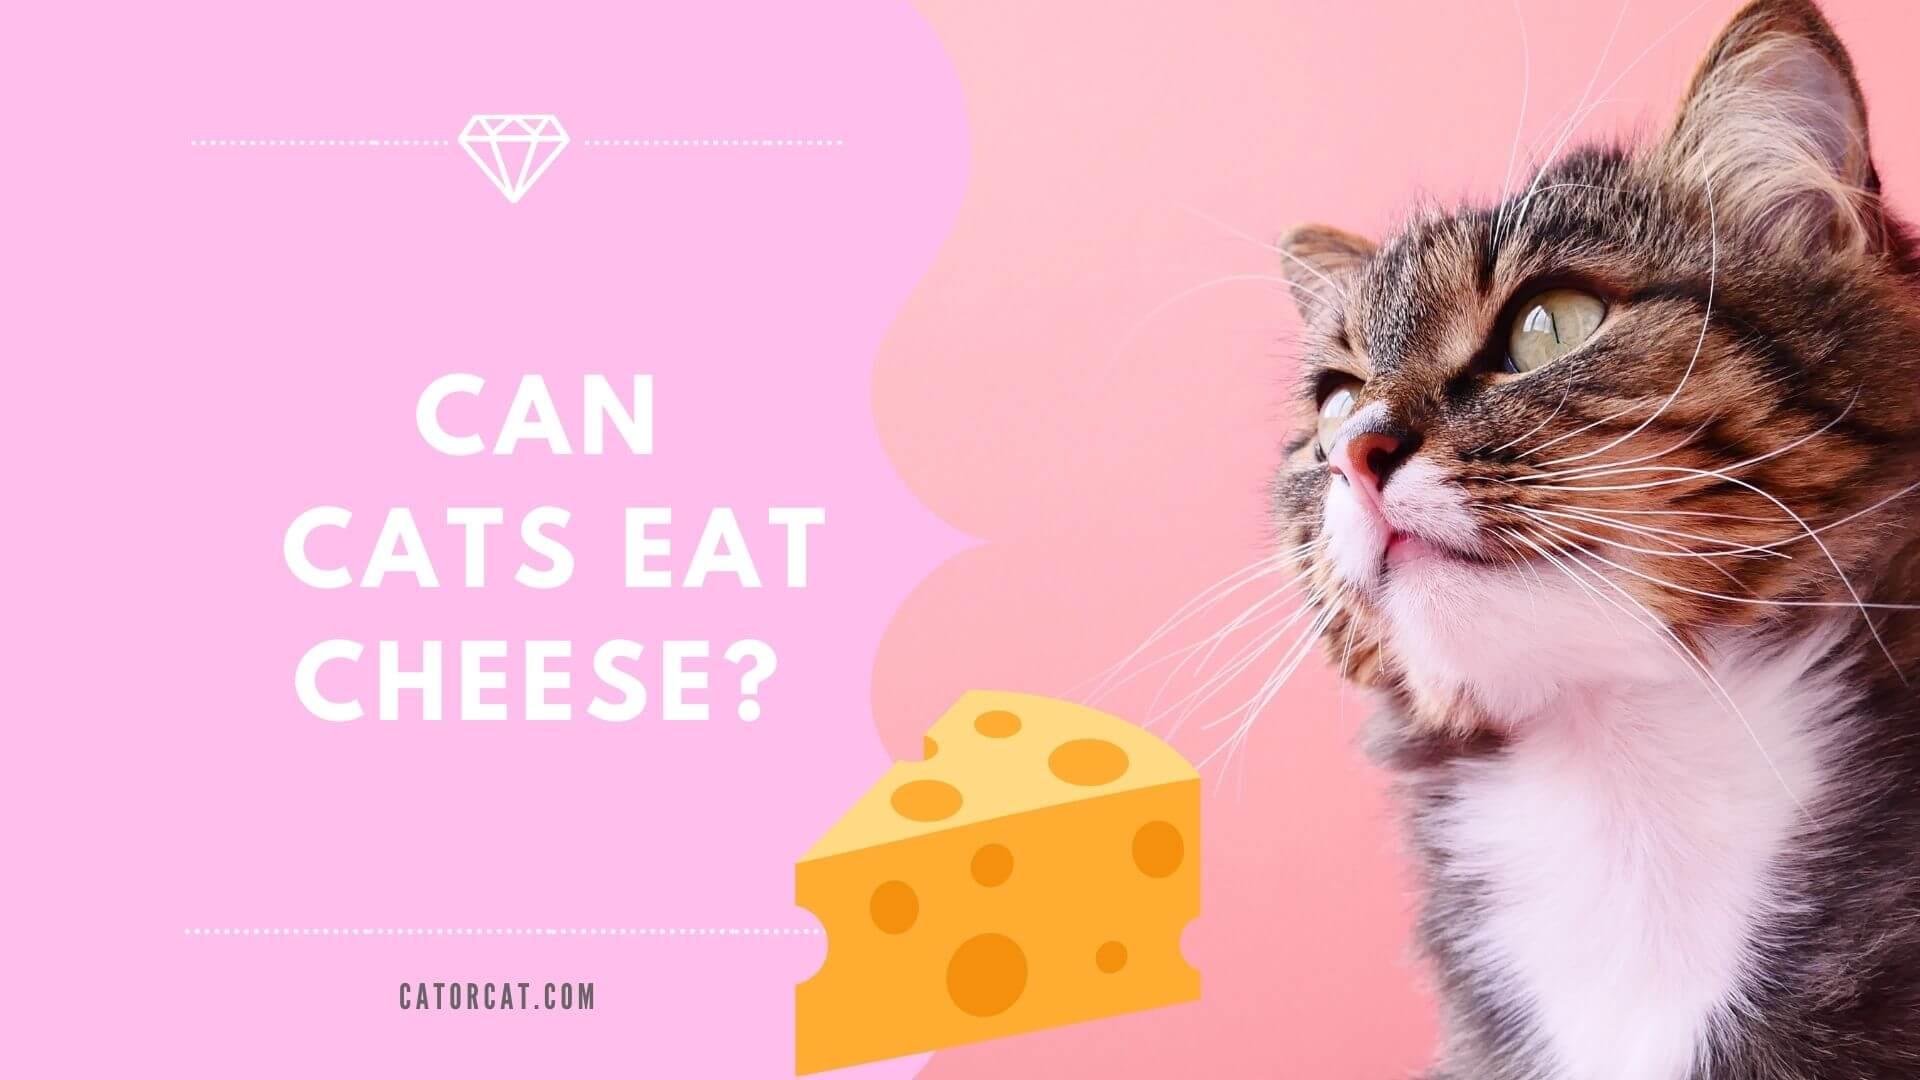 ¿Pueden los gatos comer queso?